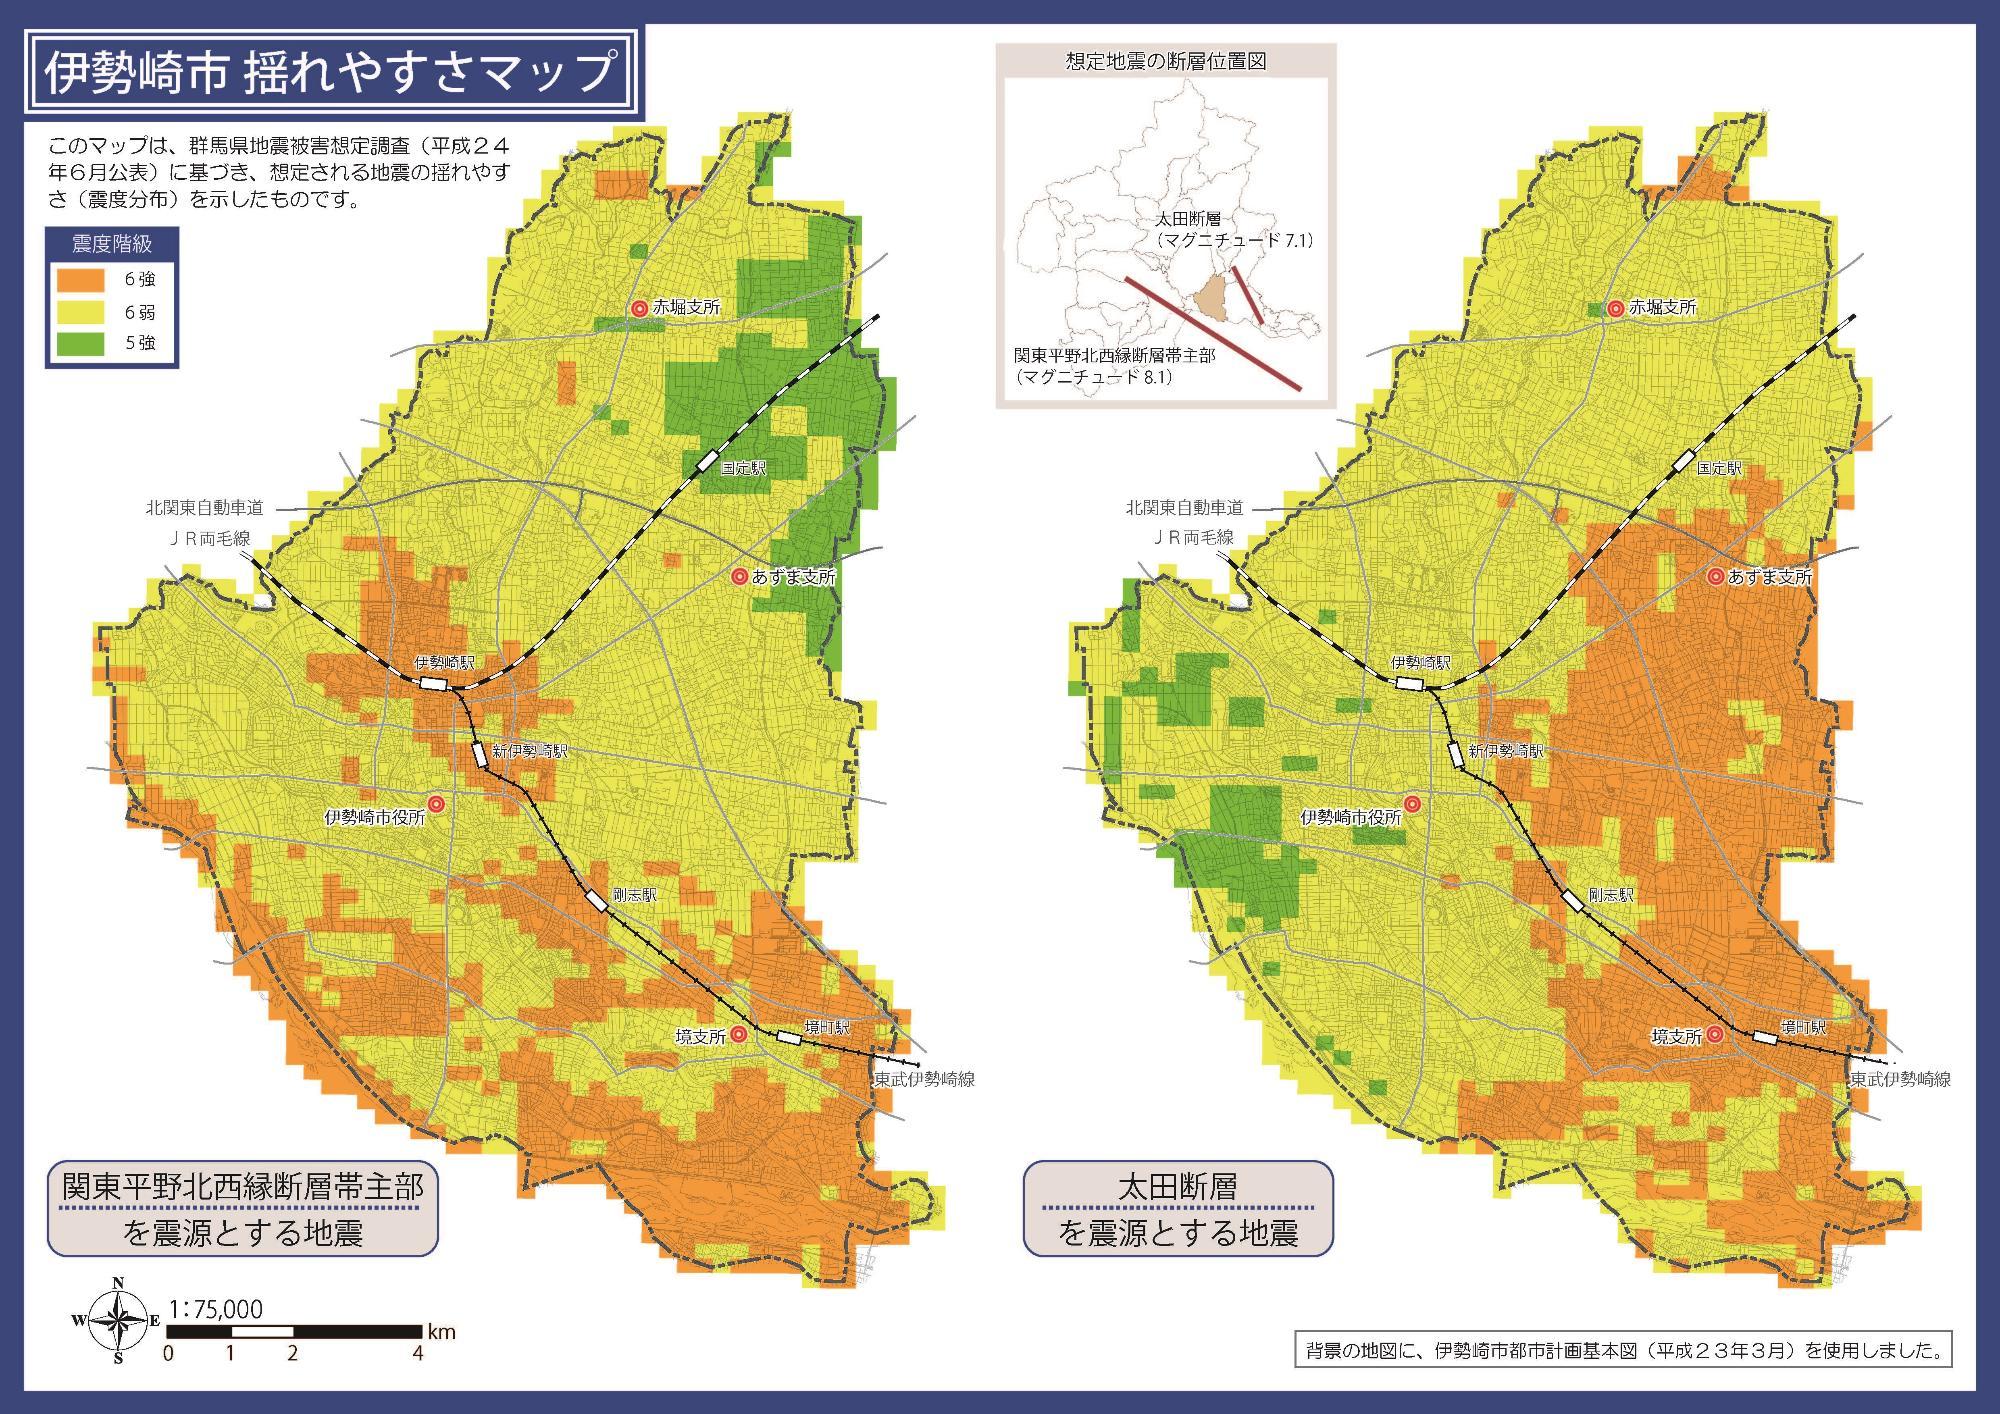 地震 群馬 県